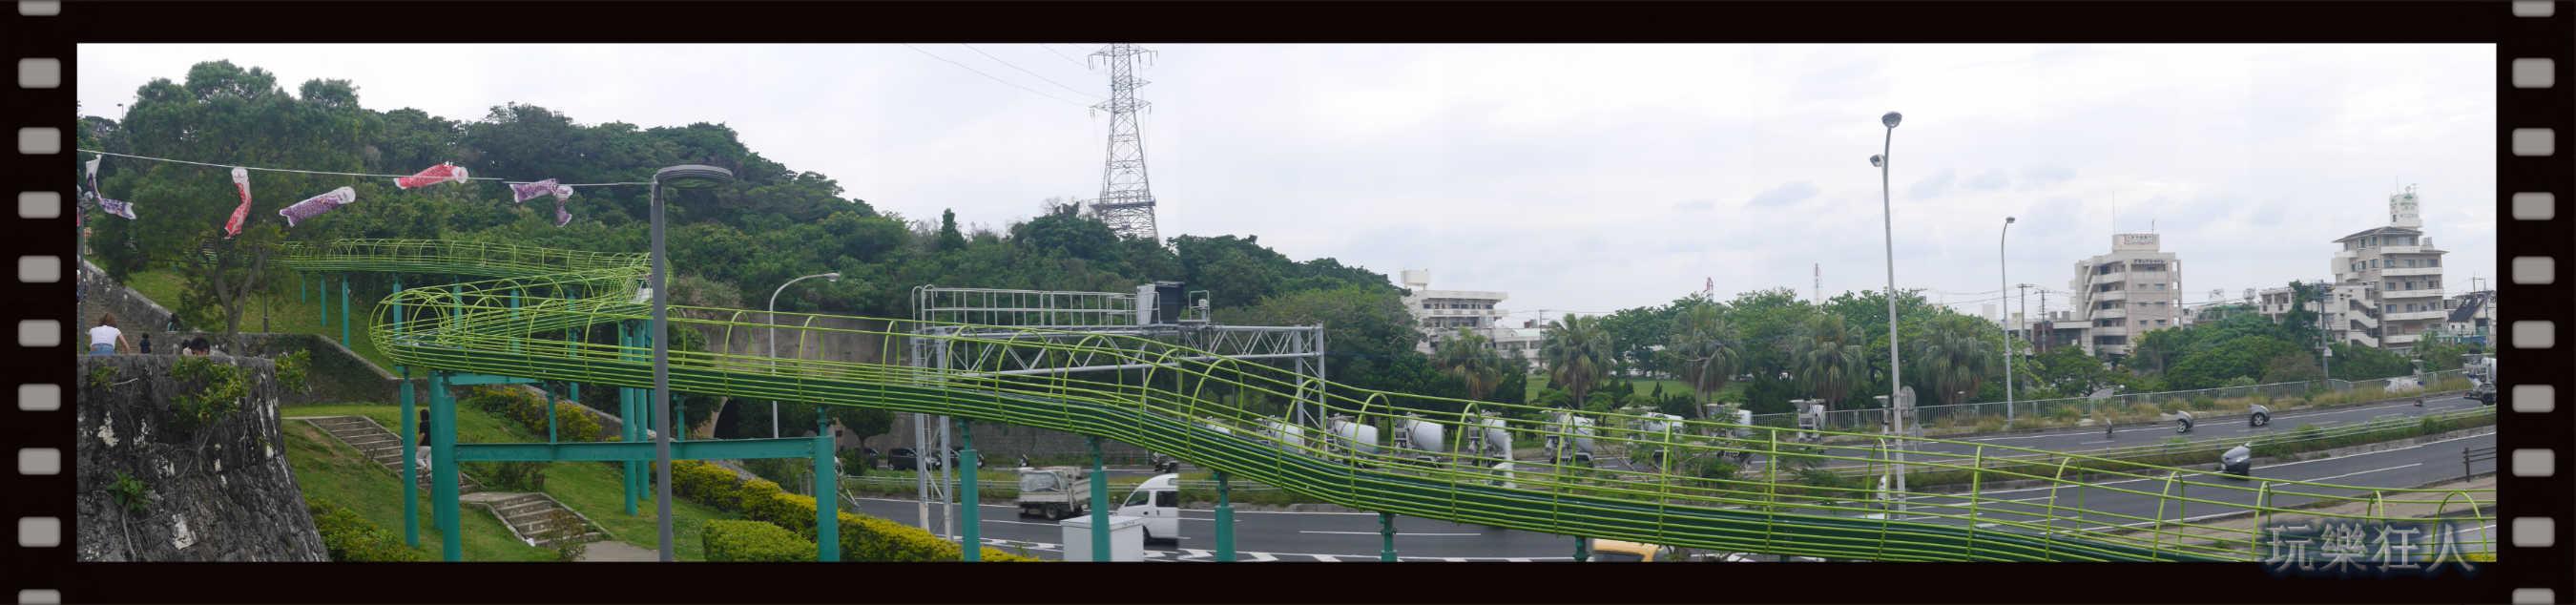 『浦添大公園』滾輪溜滑梯設施全景